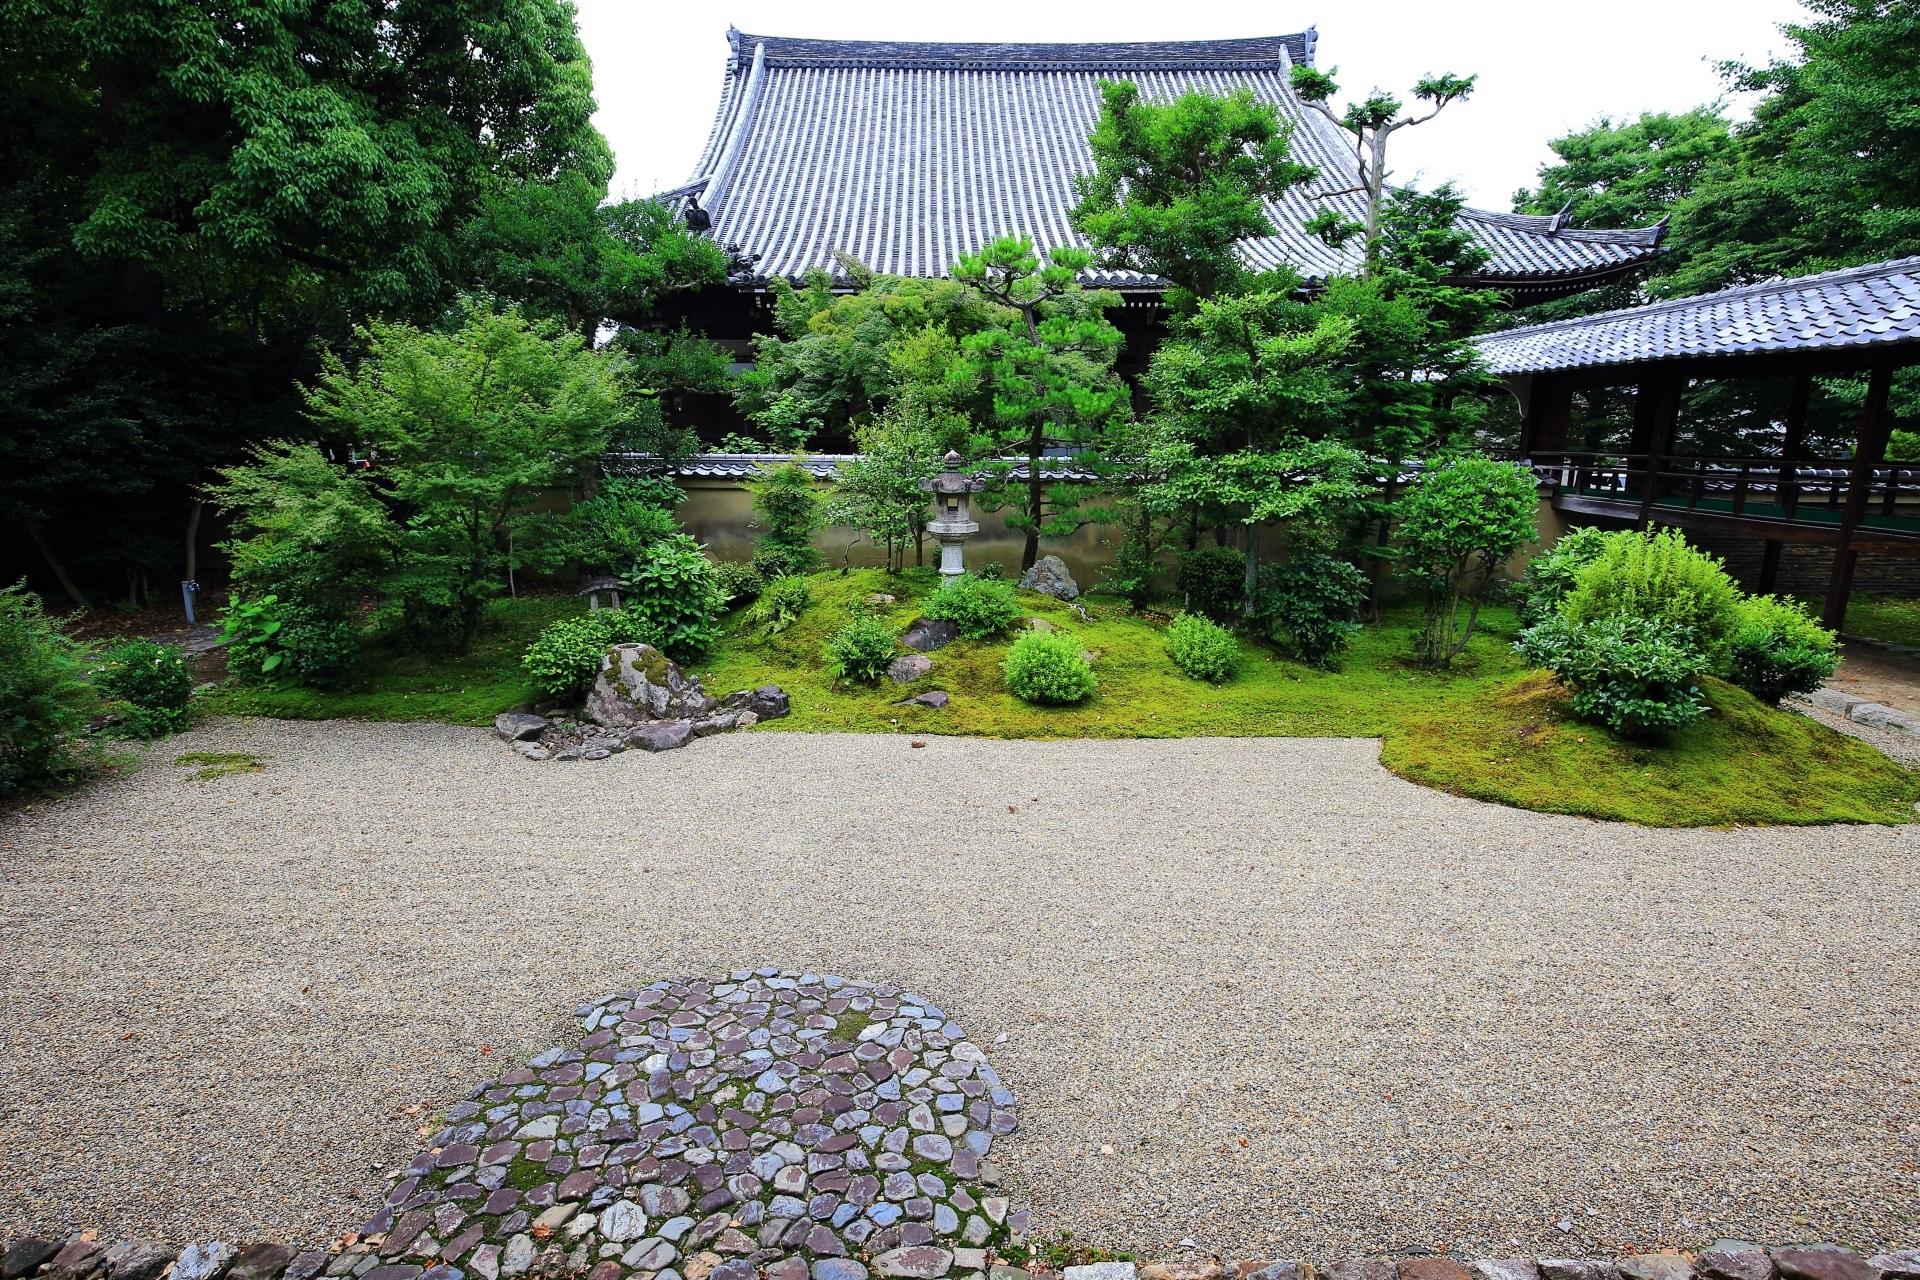 枯山水庭園の京都市指定名勝の龍華苑(りゅうげえん)